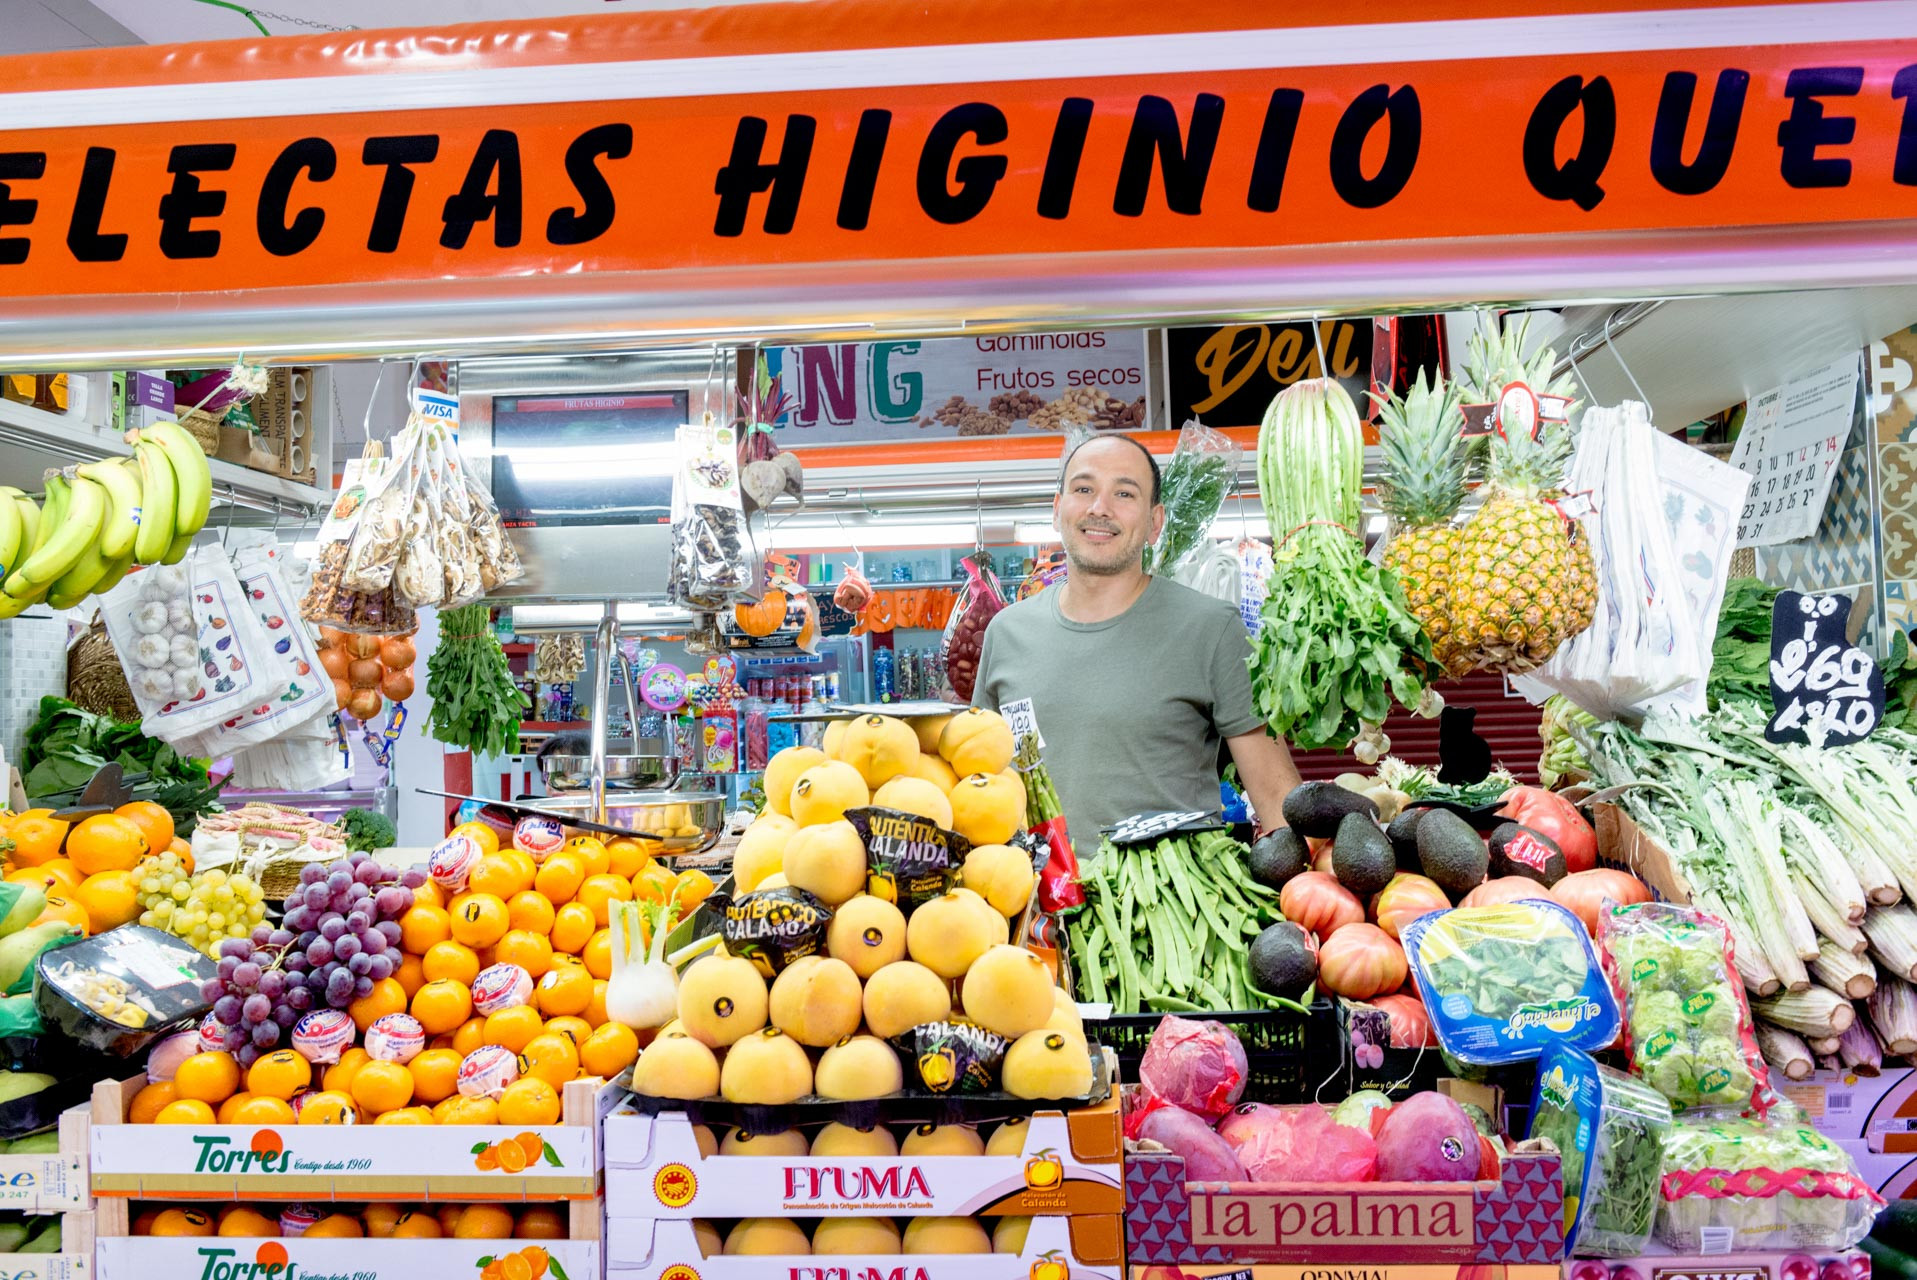 FRUTAS SELECTAS HIGINIO QUERO